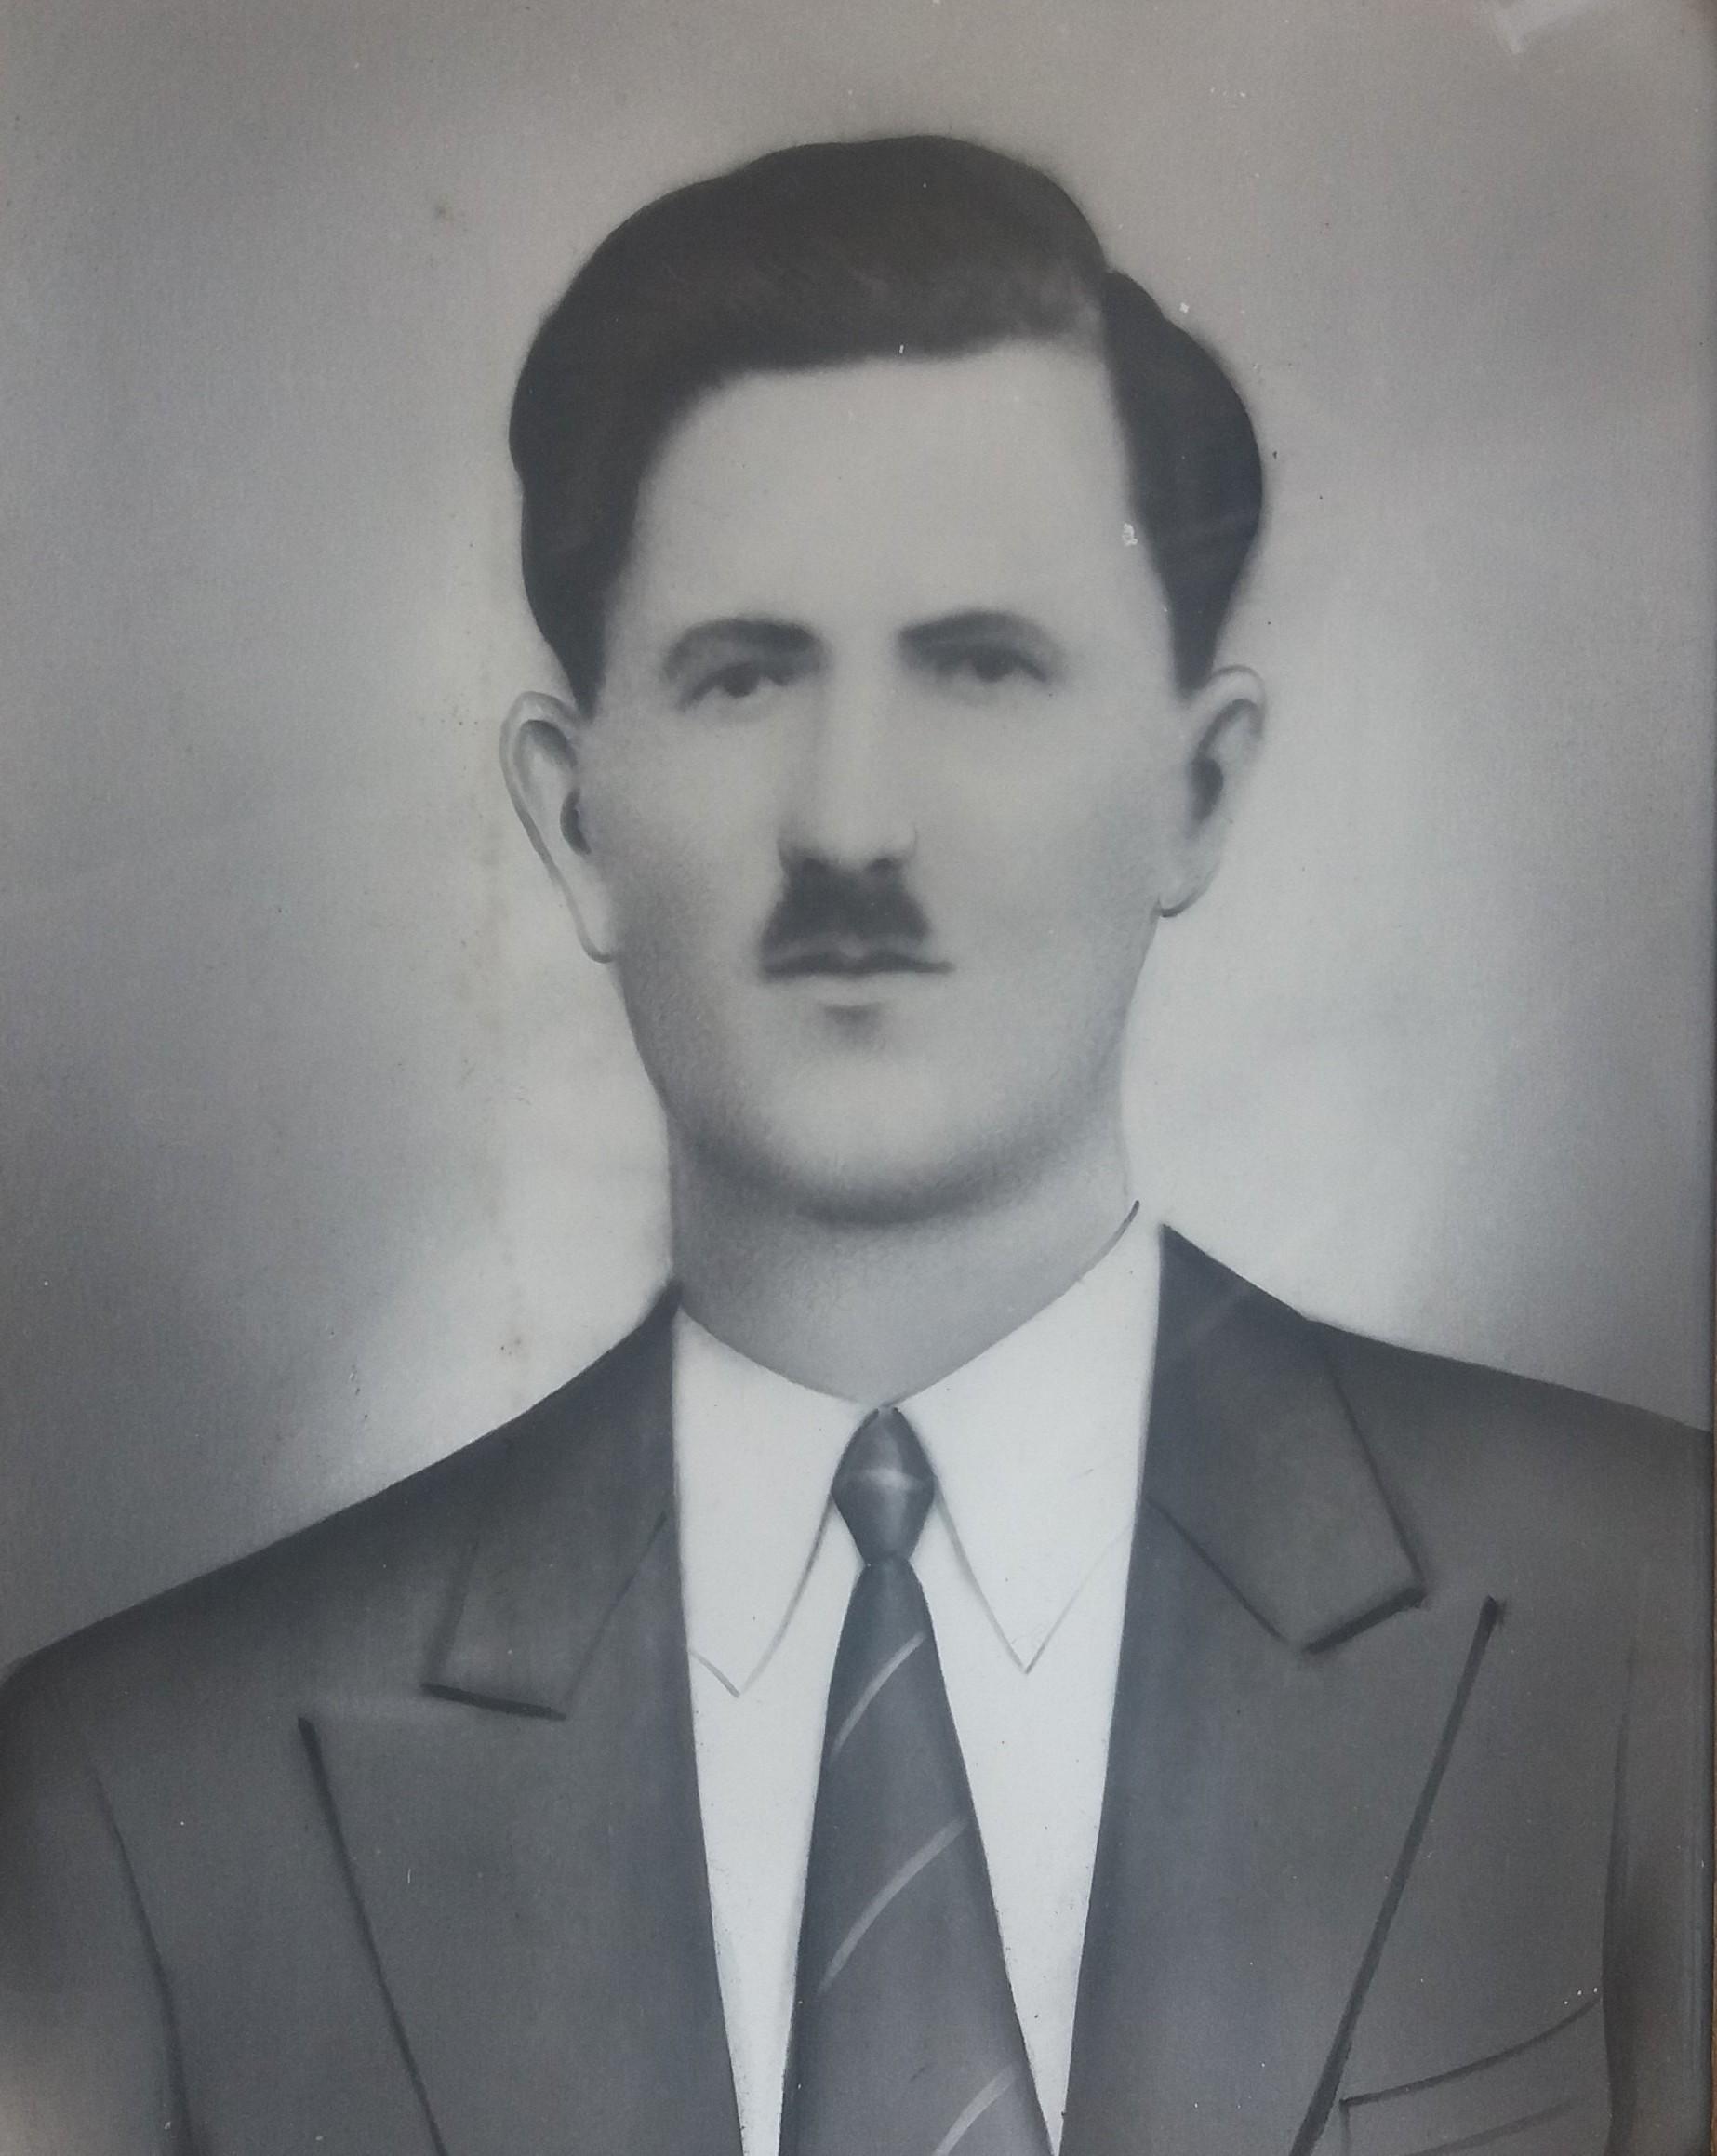 DIMOSTHENIS_DIMONITSAS_1944